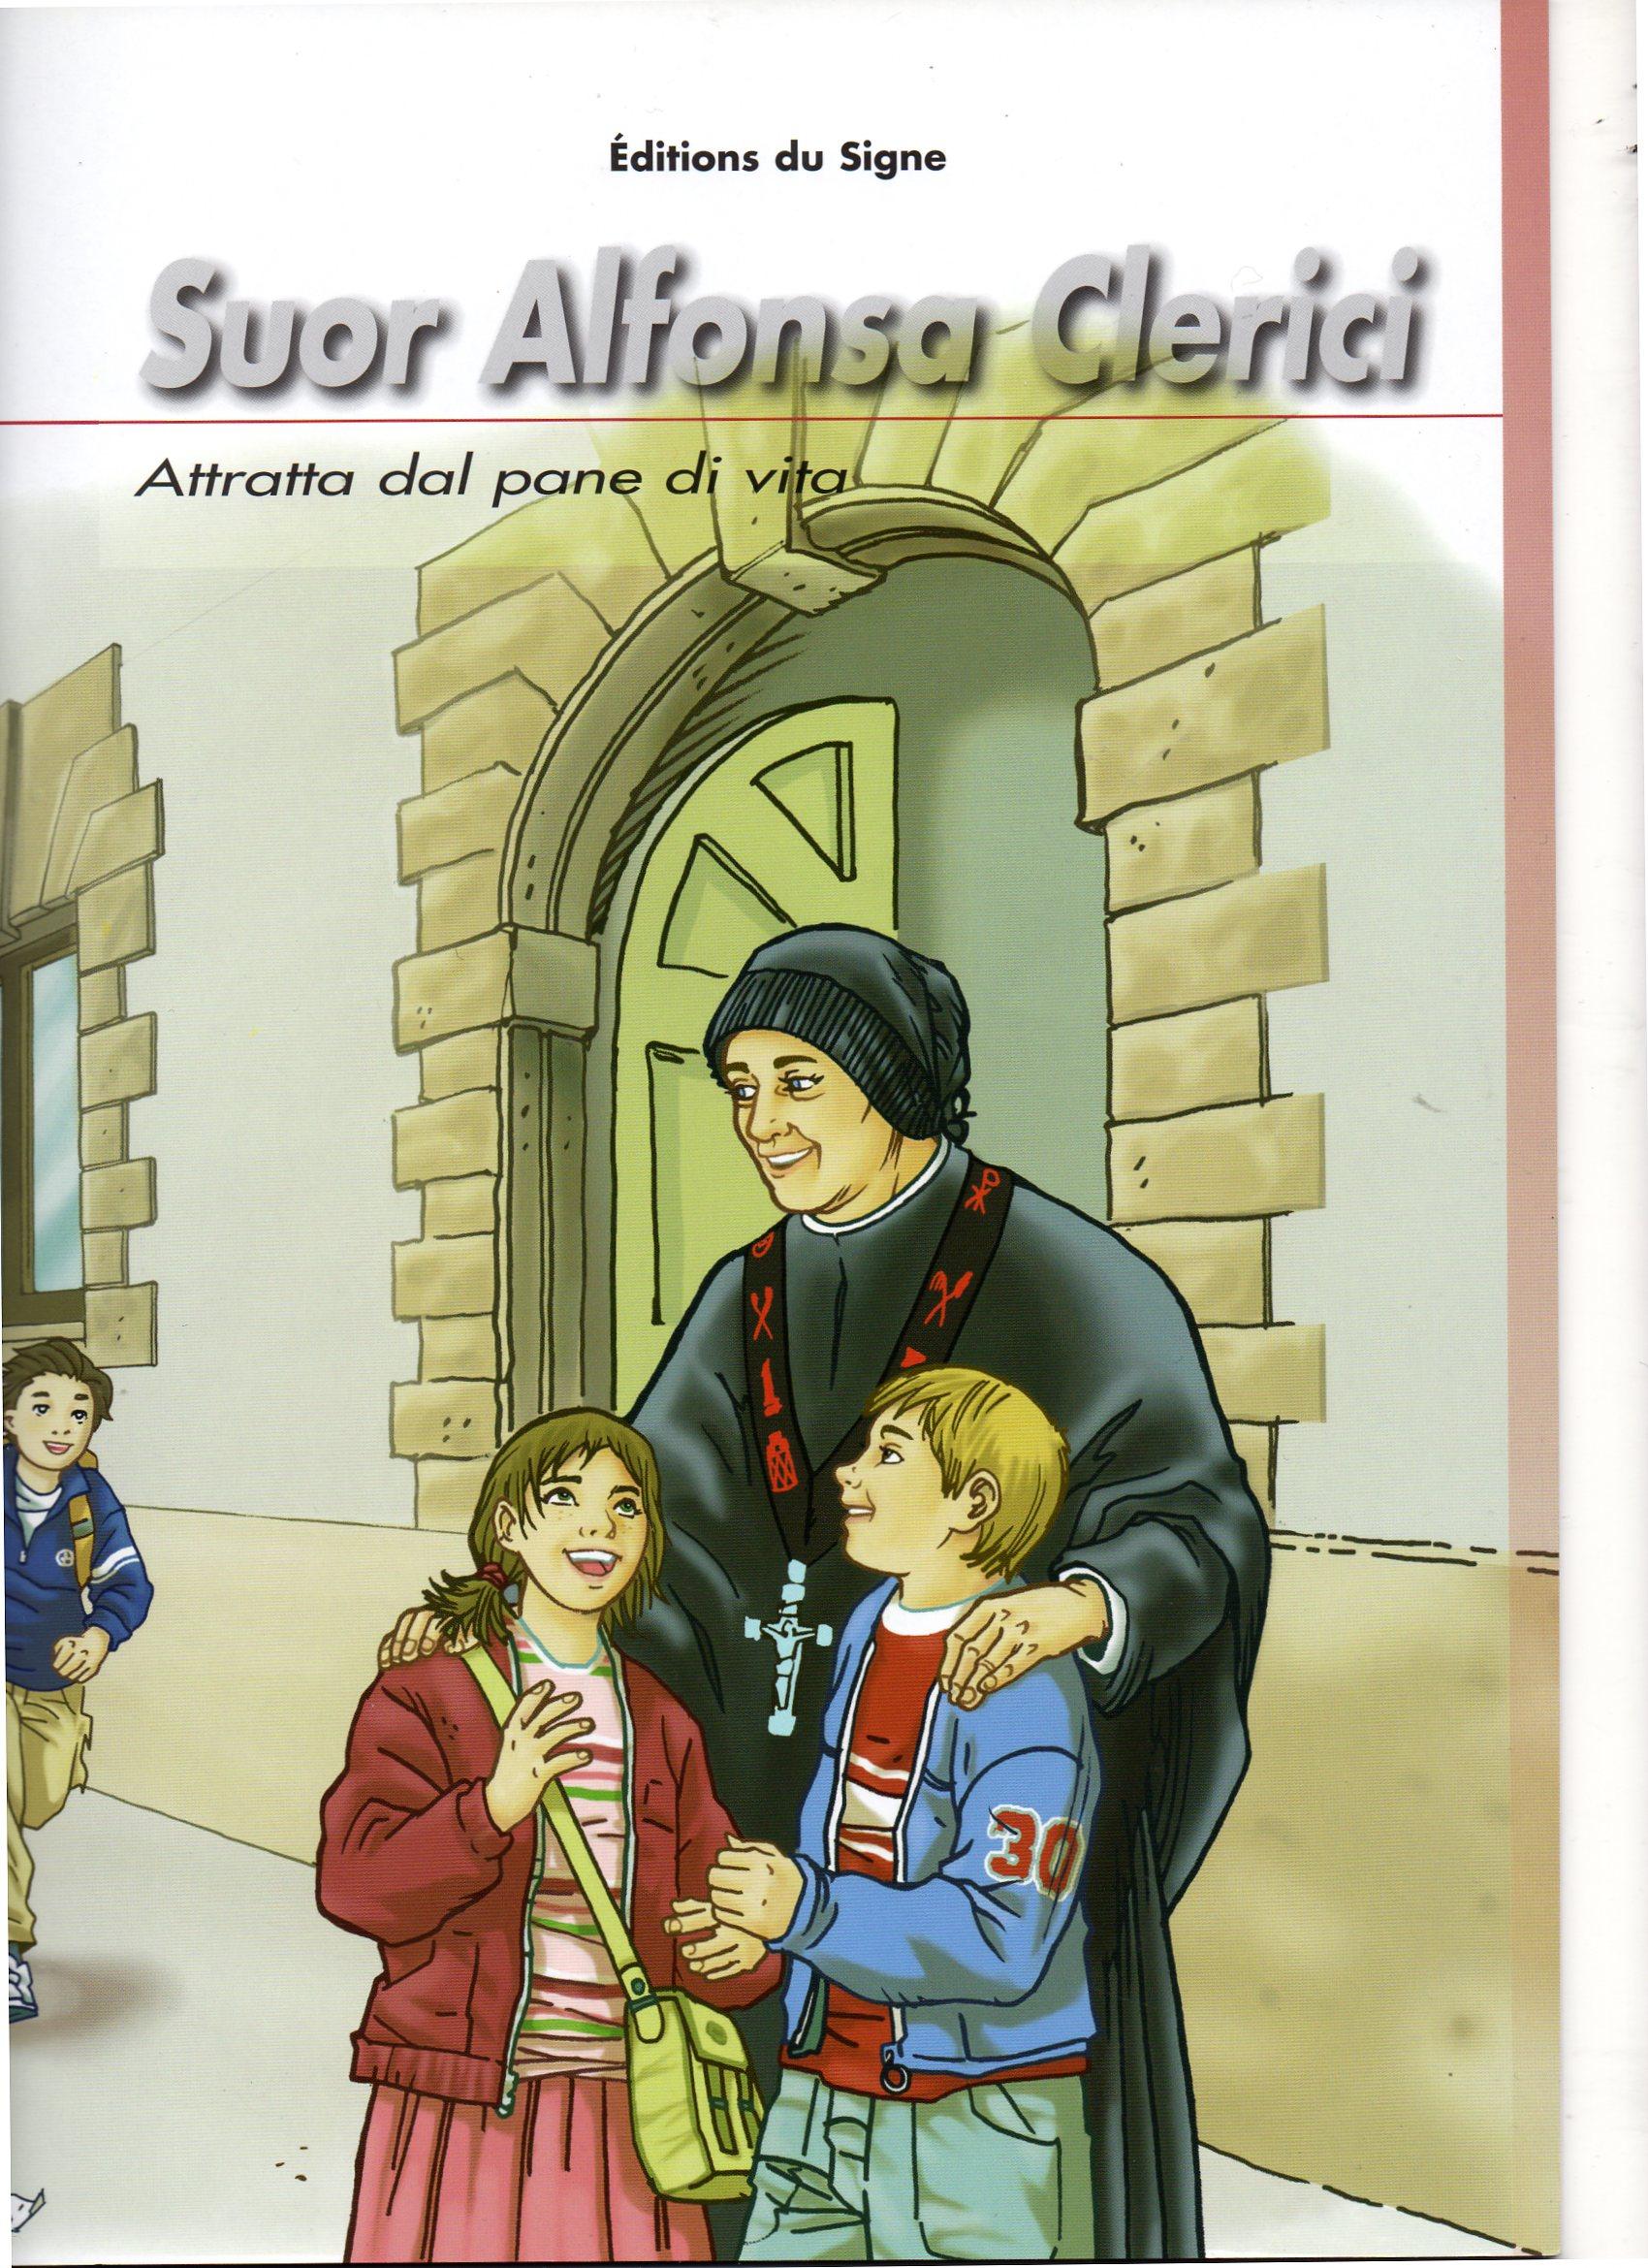 Suor Alfonsa Clerici